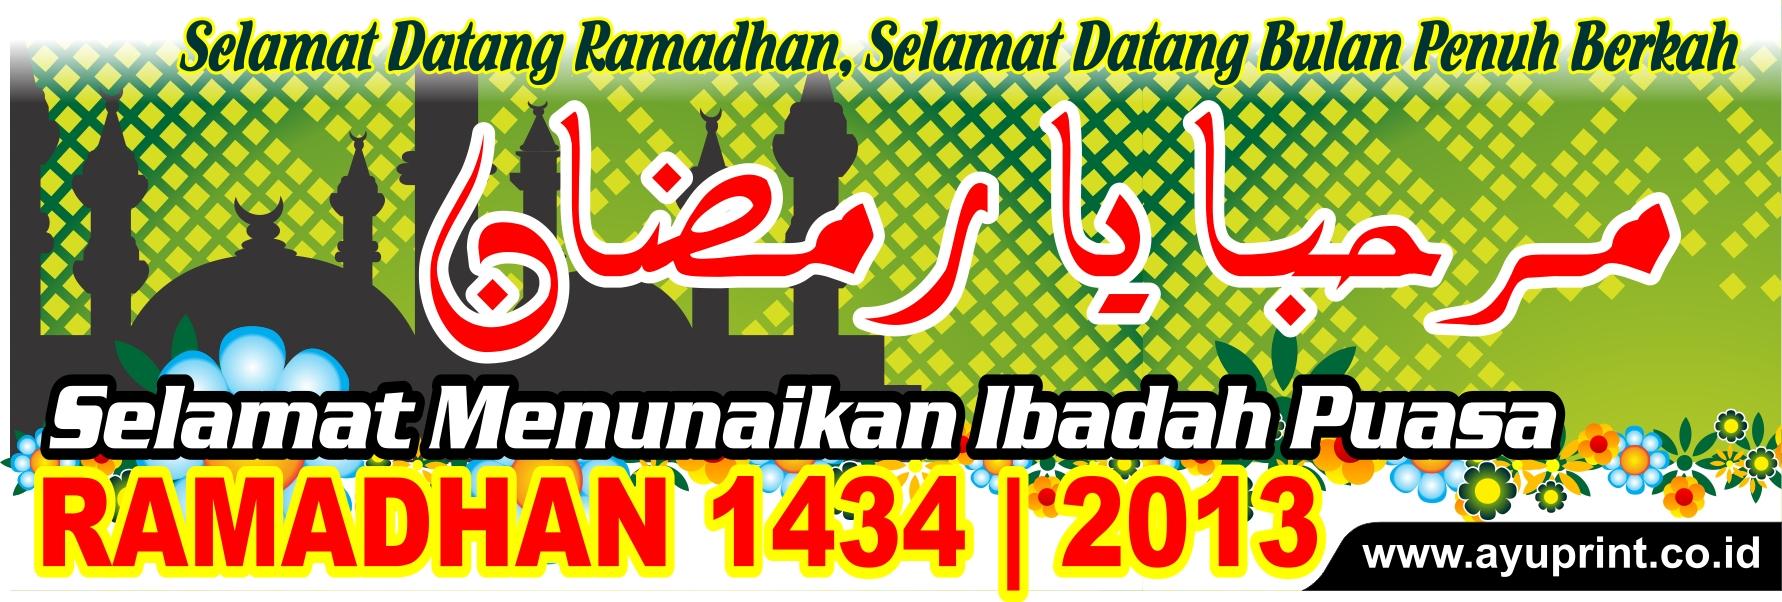 Download Desain Spanduk Banner Untuk Menyambut Ramadhan M Oleh Mas Badar Kompasiana Com